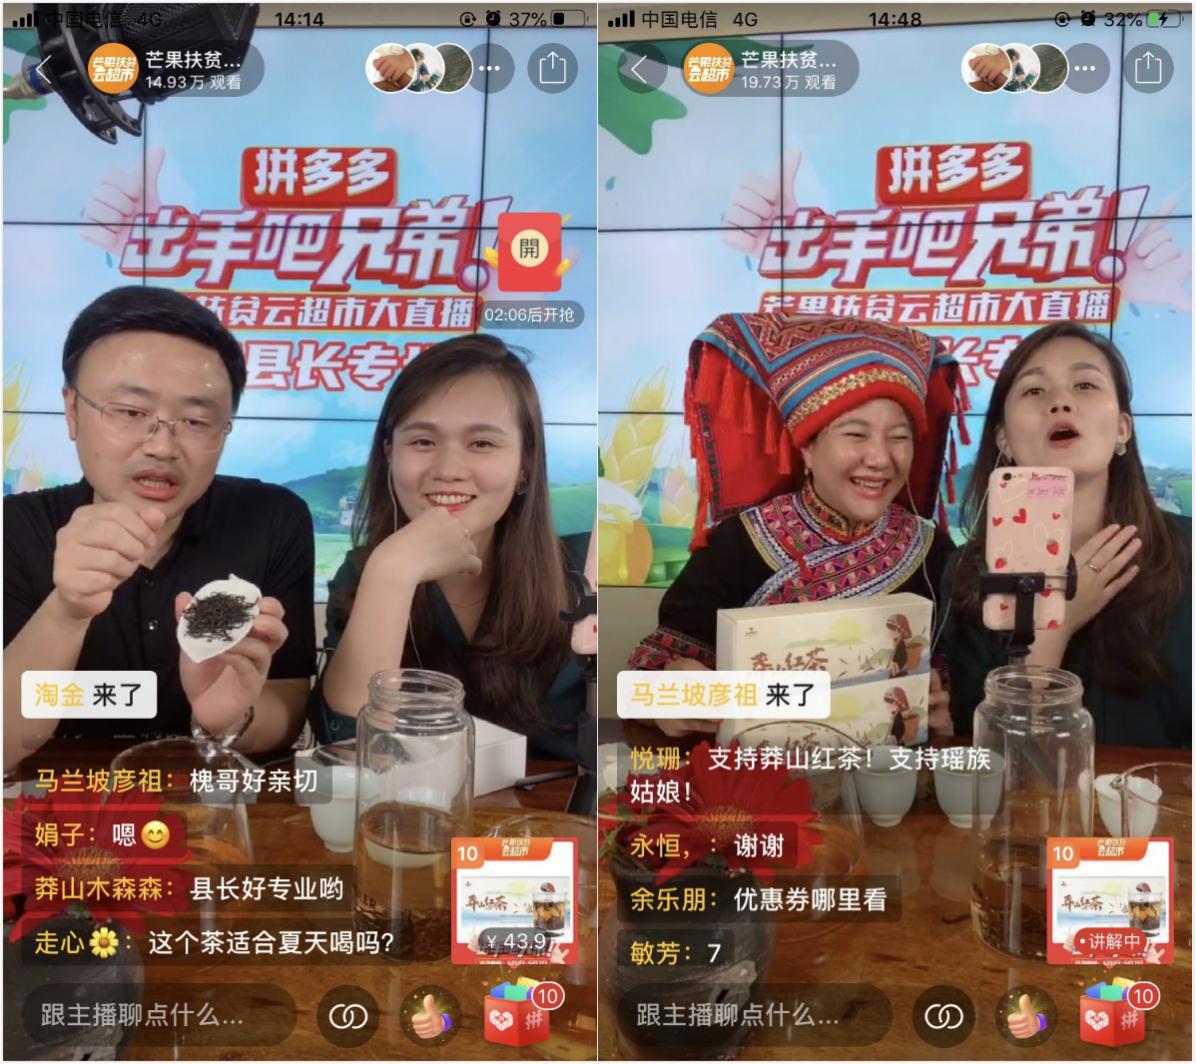 湖南宜章:31万拼多多网友围观县长泡茶 带动莽山瑶族茶叶电商销量上涨210%